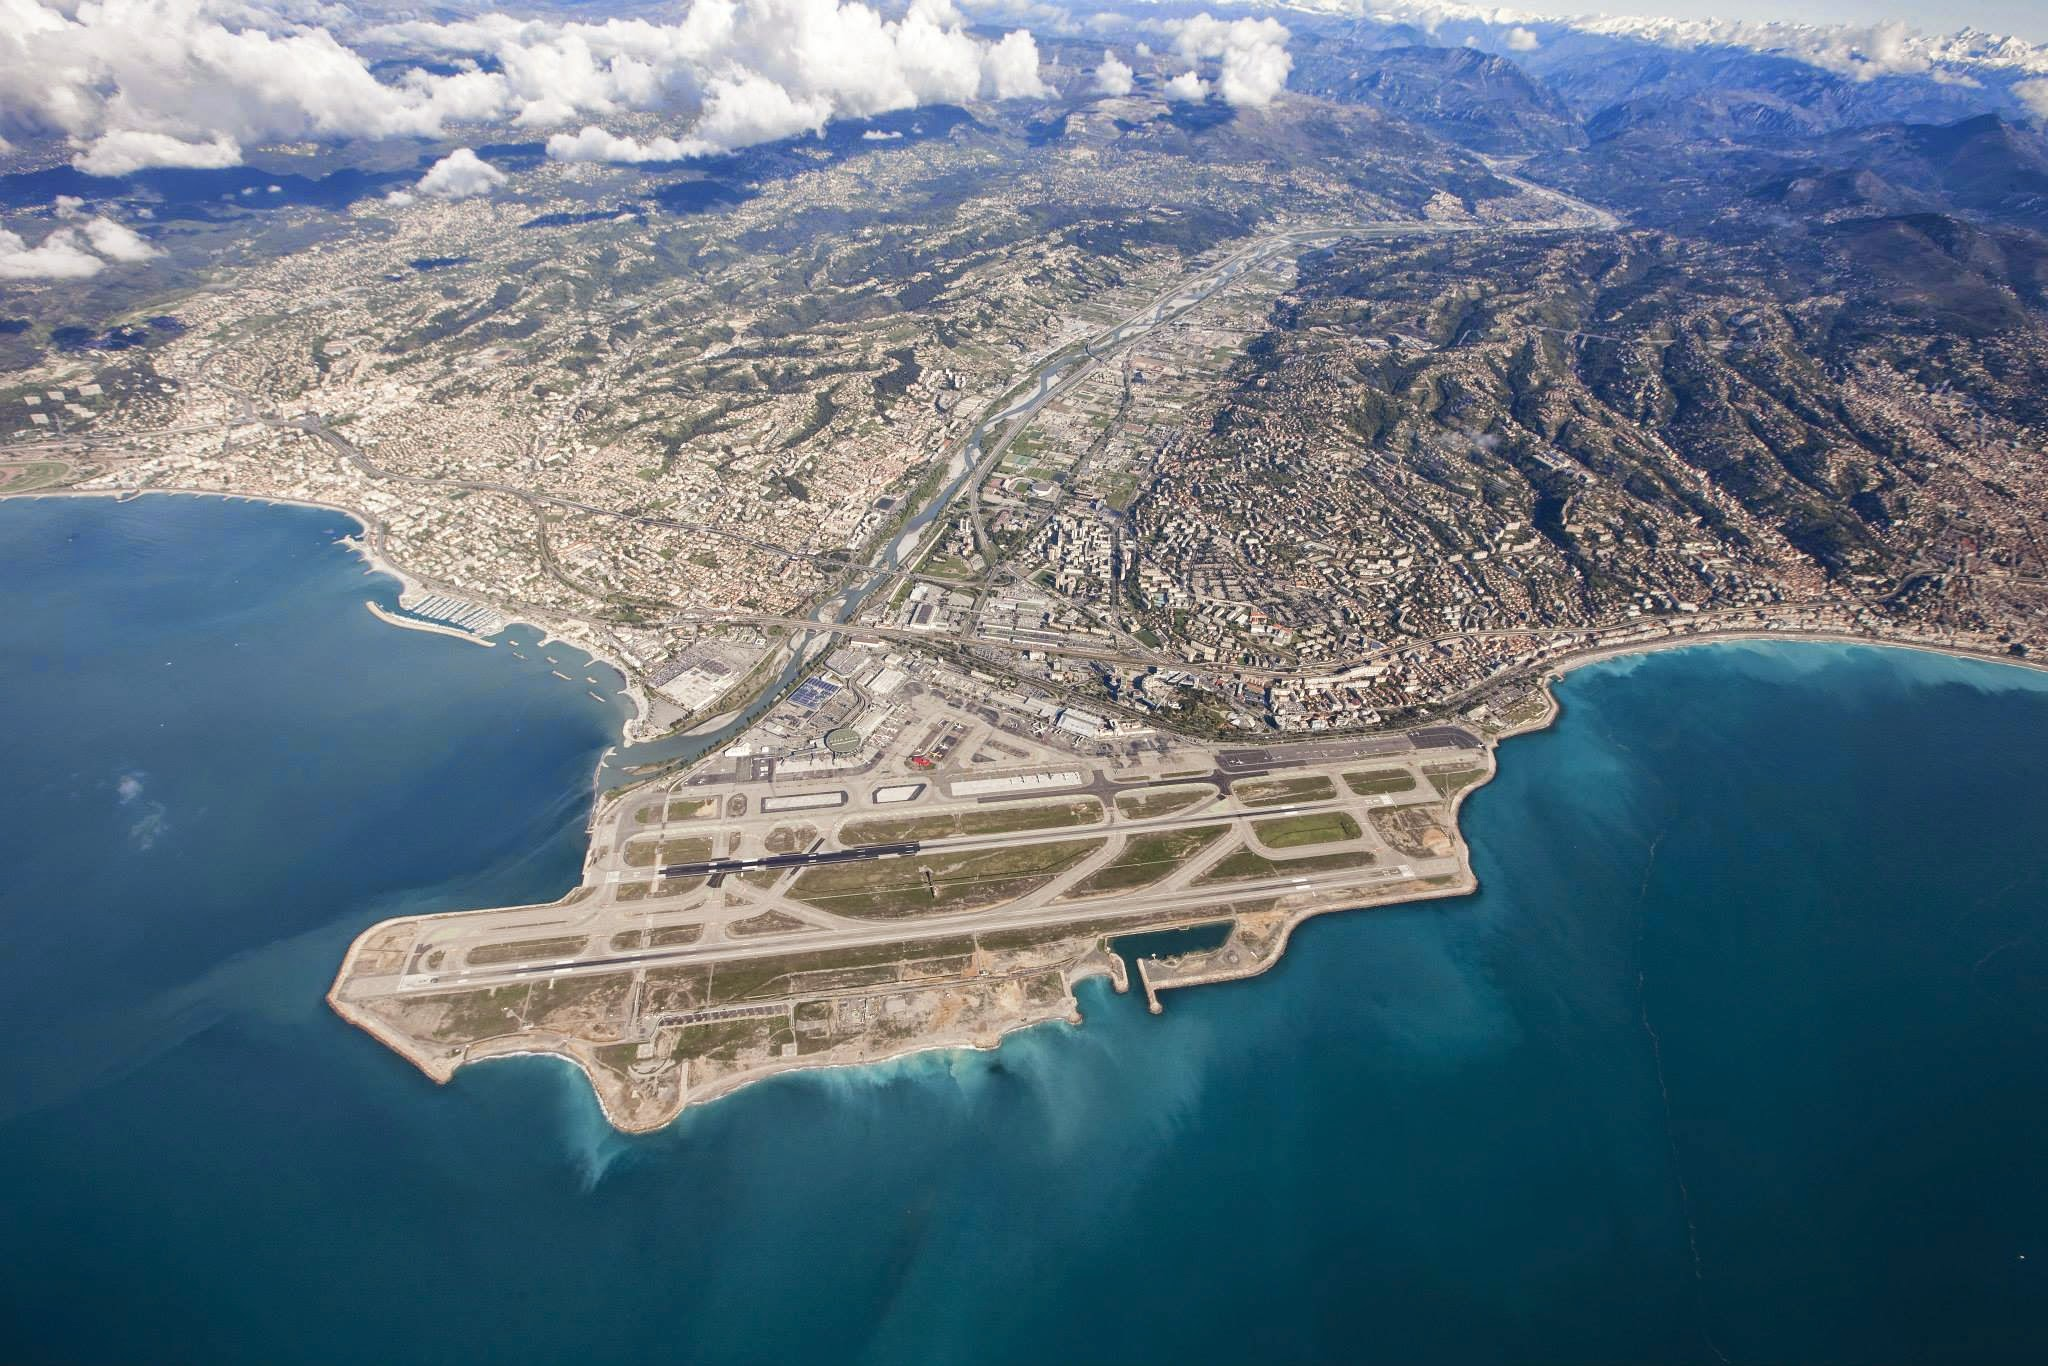 L'aéroport de Nice, choisi comme le 3e plus bel endroit où atterrir sur la planète